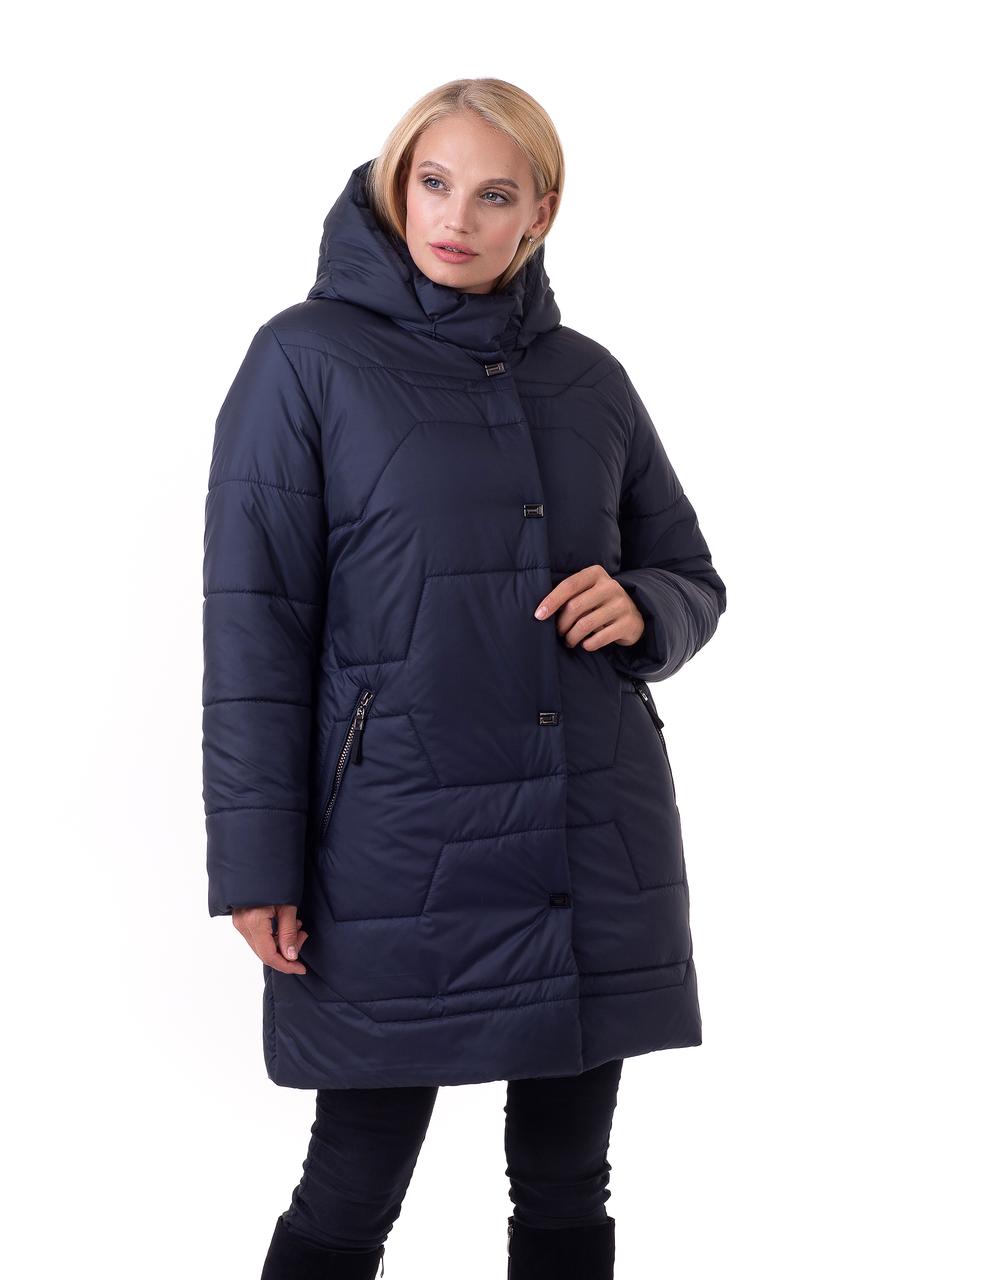 Зимова куртка від виробника Україна без хутра